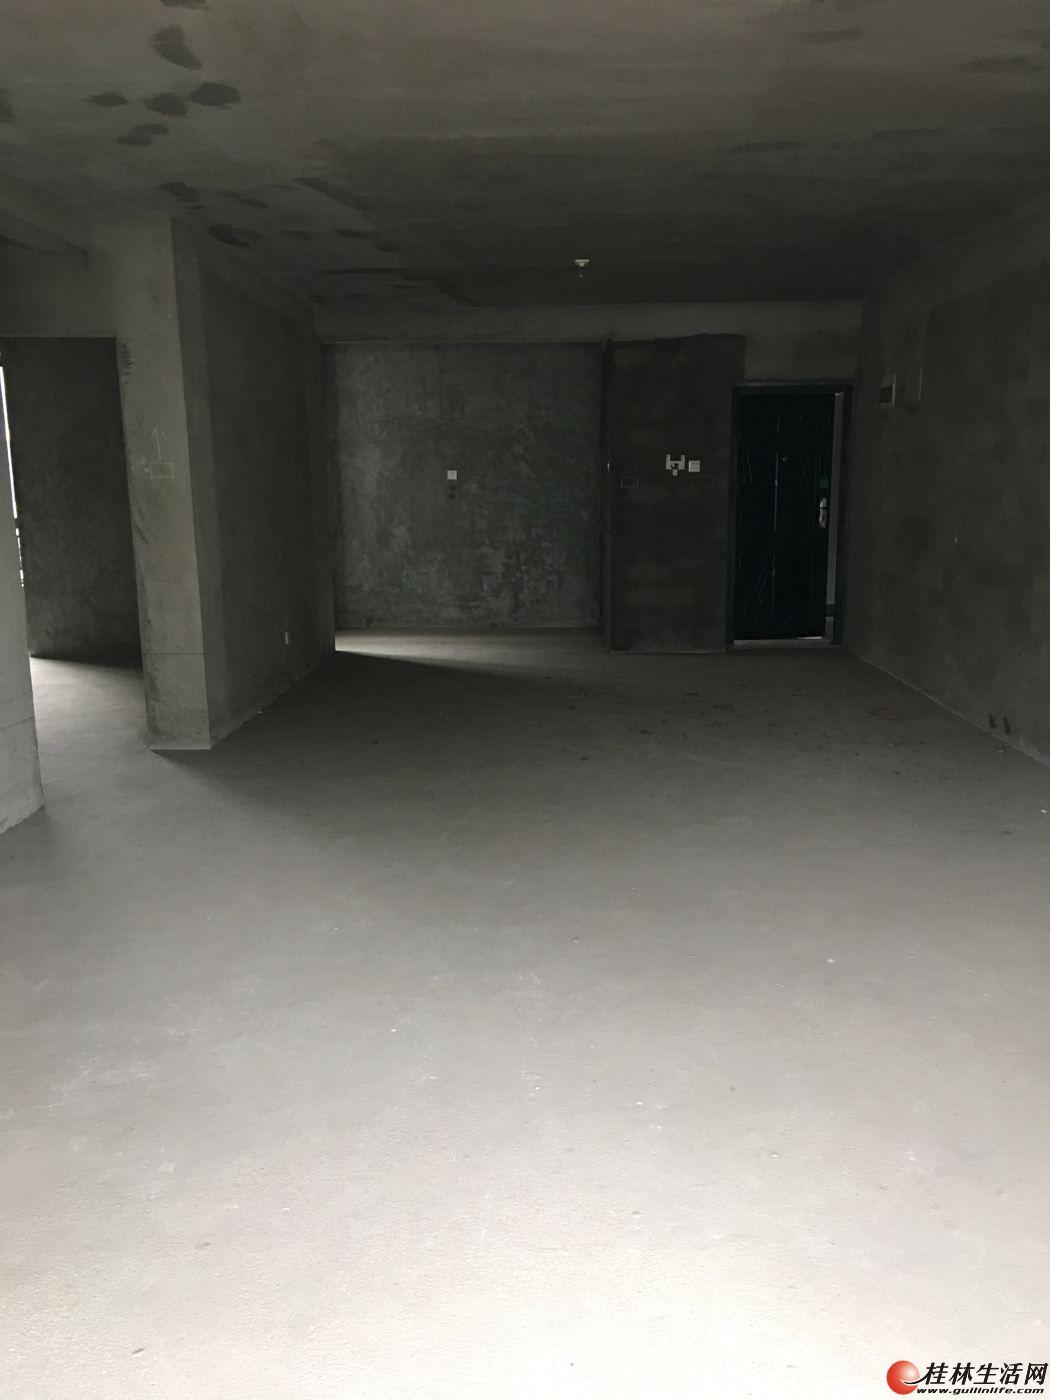 L安厦世纪城 3房2厅125㎡+40㎡的露台 白菜价88万